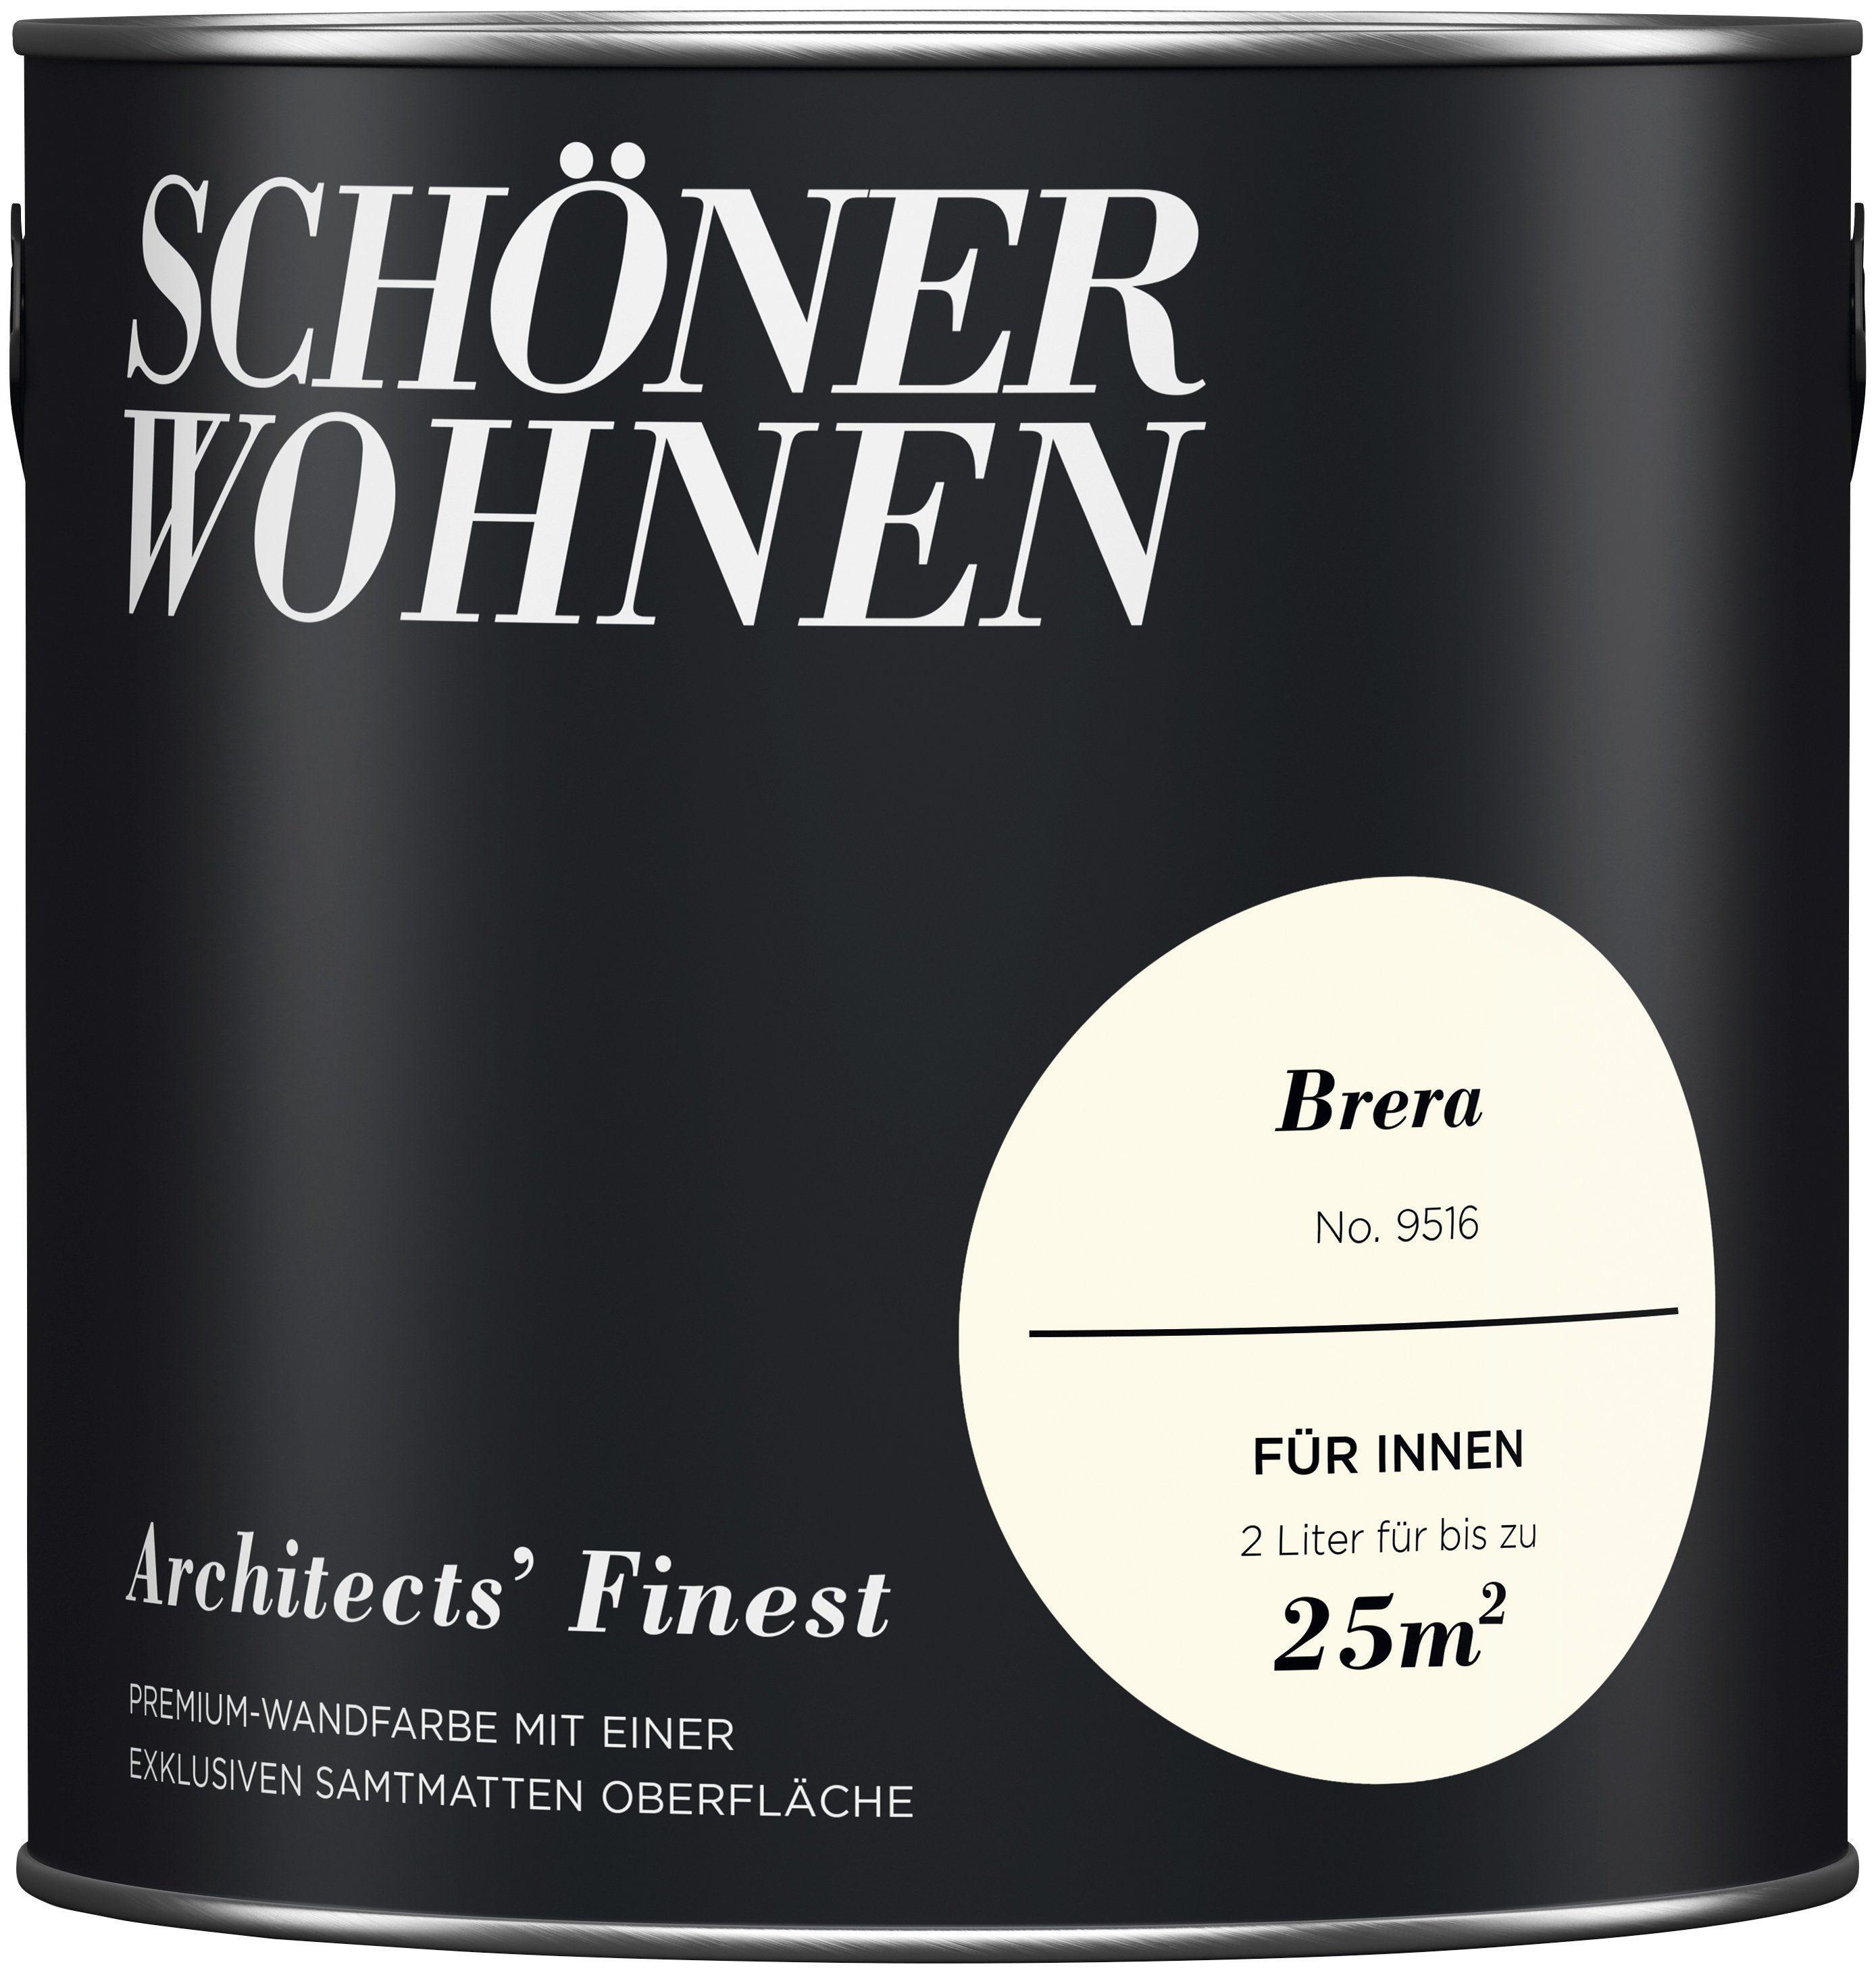 SCHÖNER WOHNEN-FARBE Wand- und Deckenfarbe »Architects' Finest«, Brera